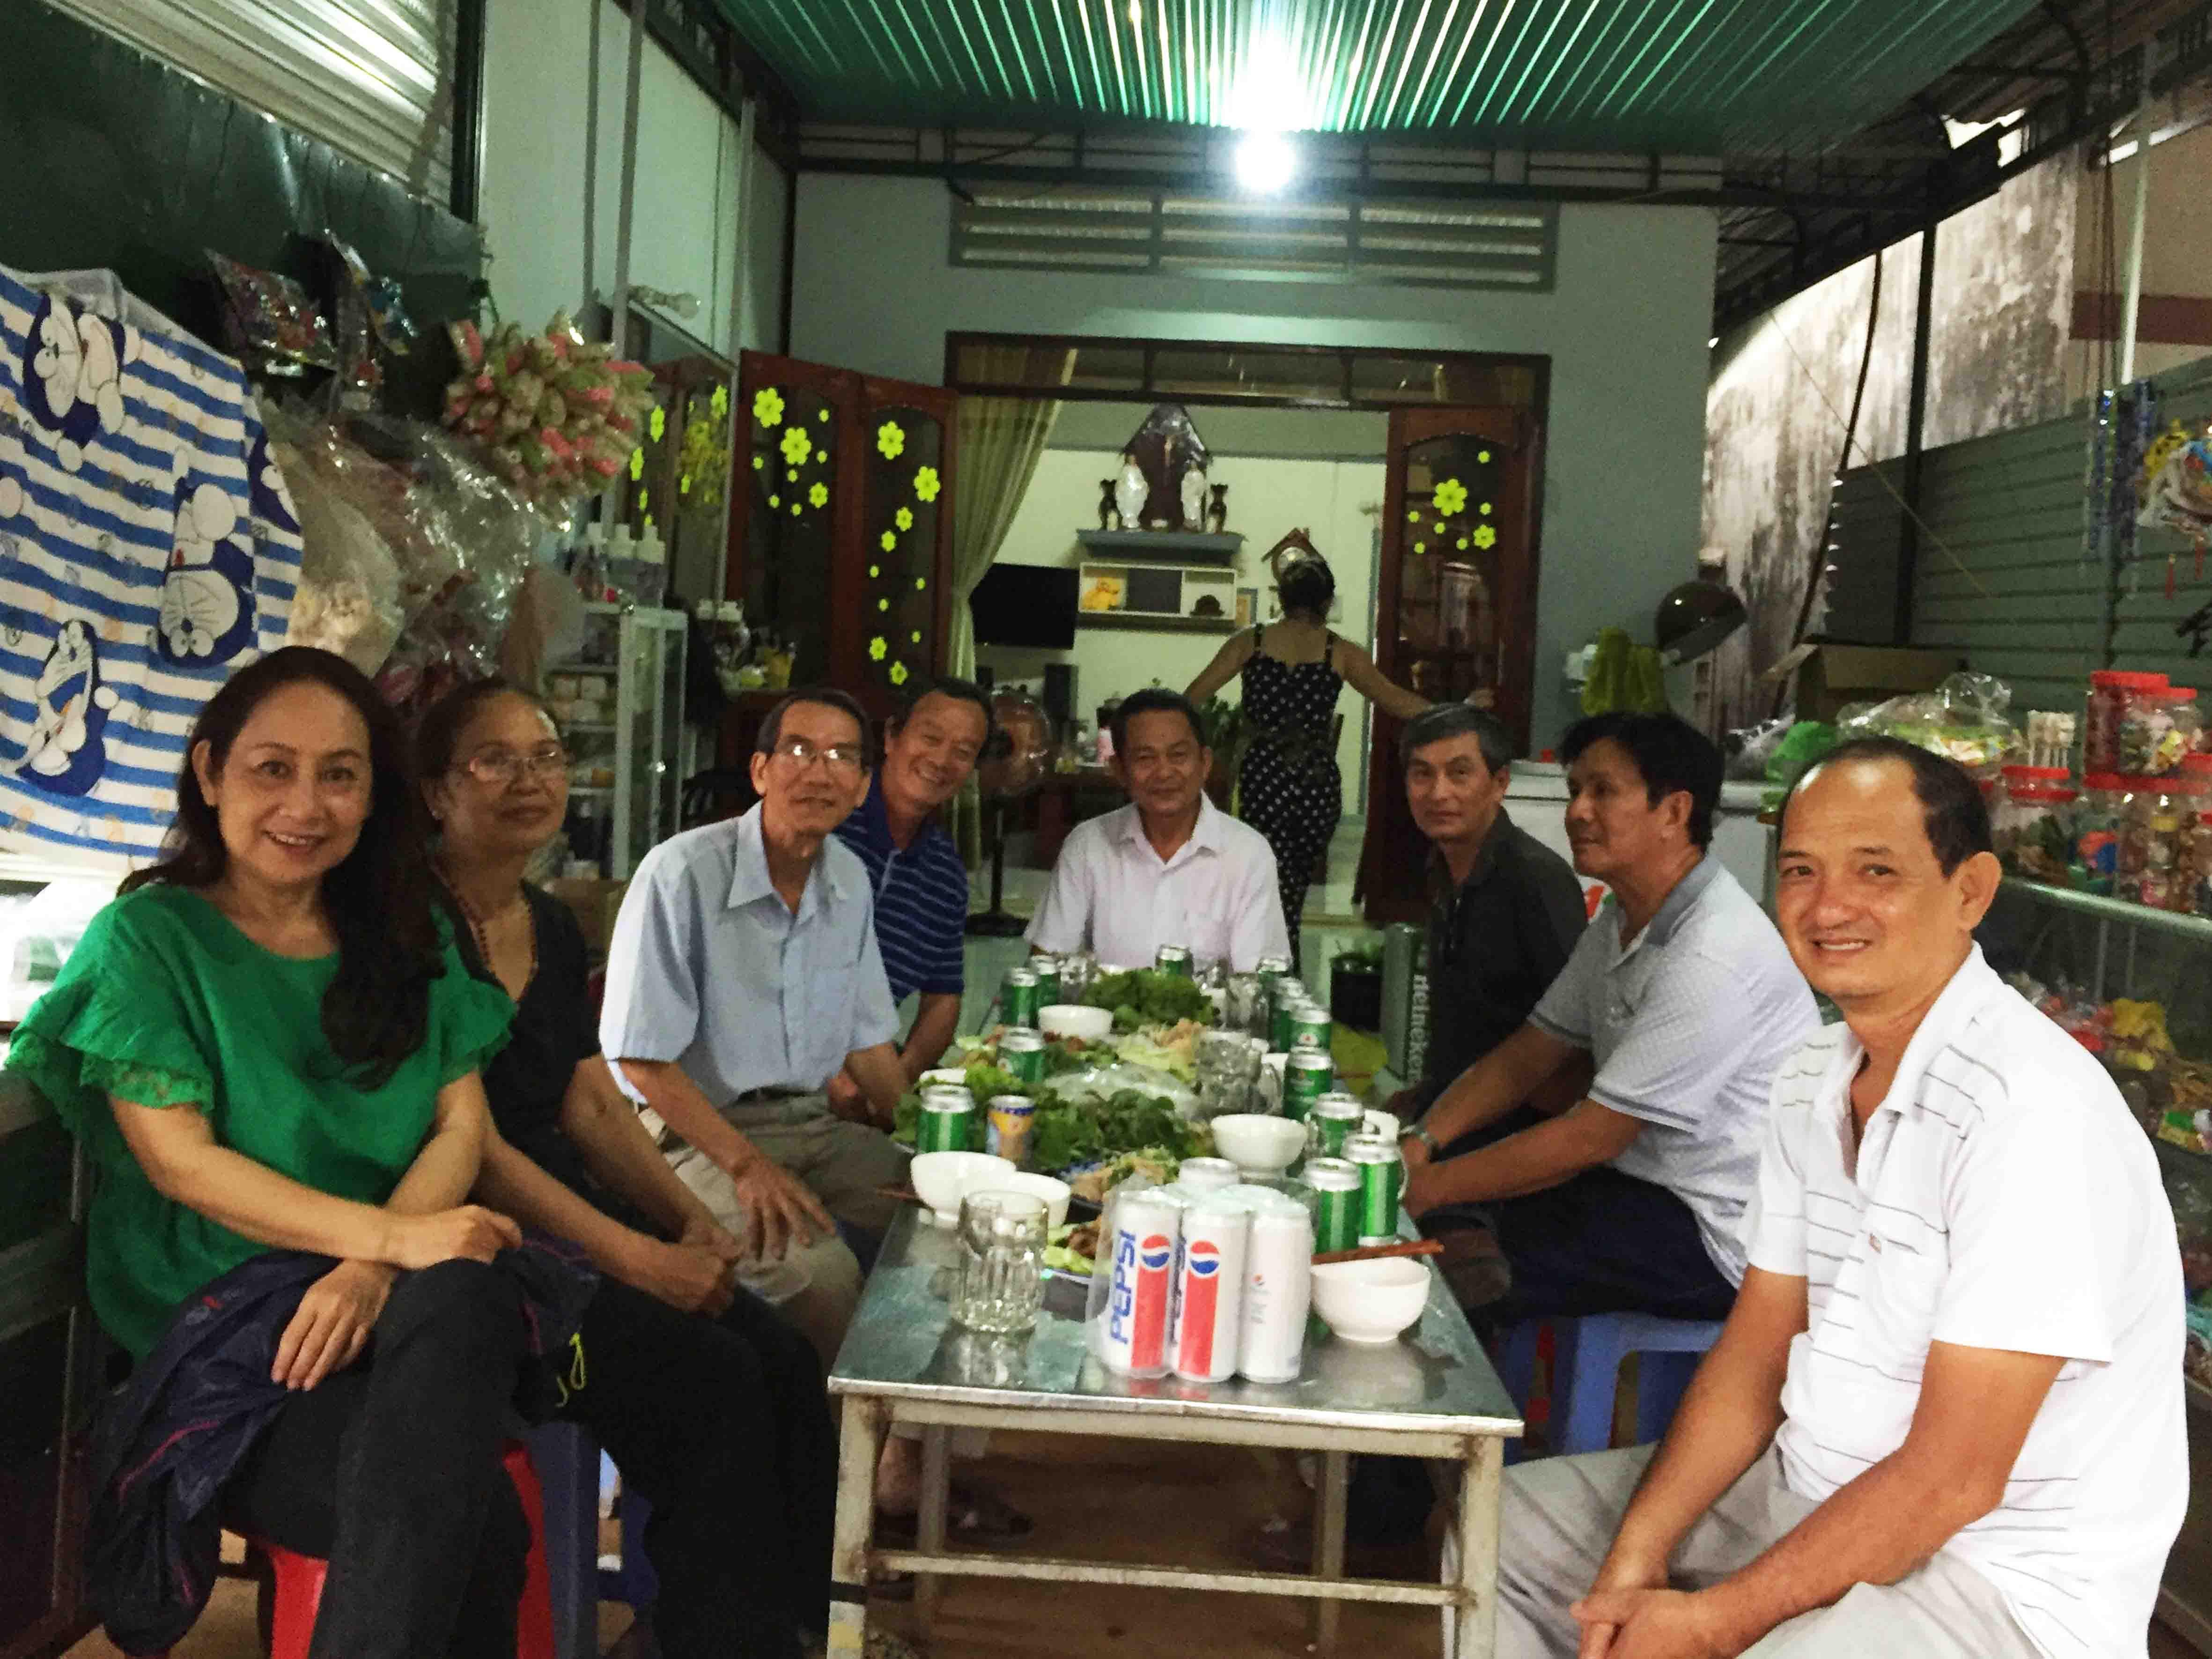 GẶP GỠ BẠN PHAN NGỌC KIẾM TẠI BAN MÊ THUỘT – Hoàng Phú